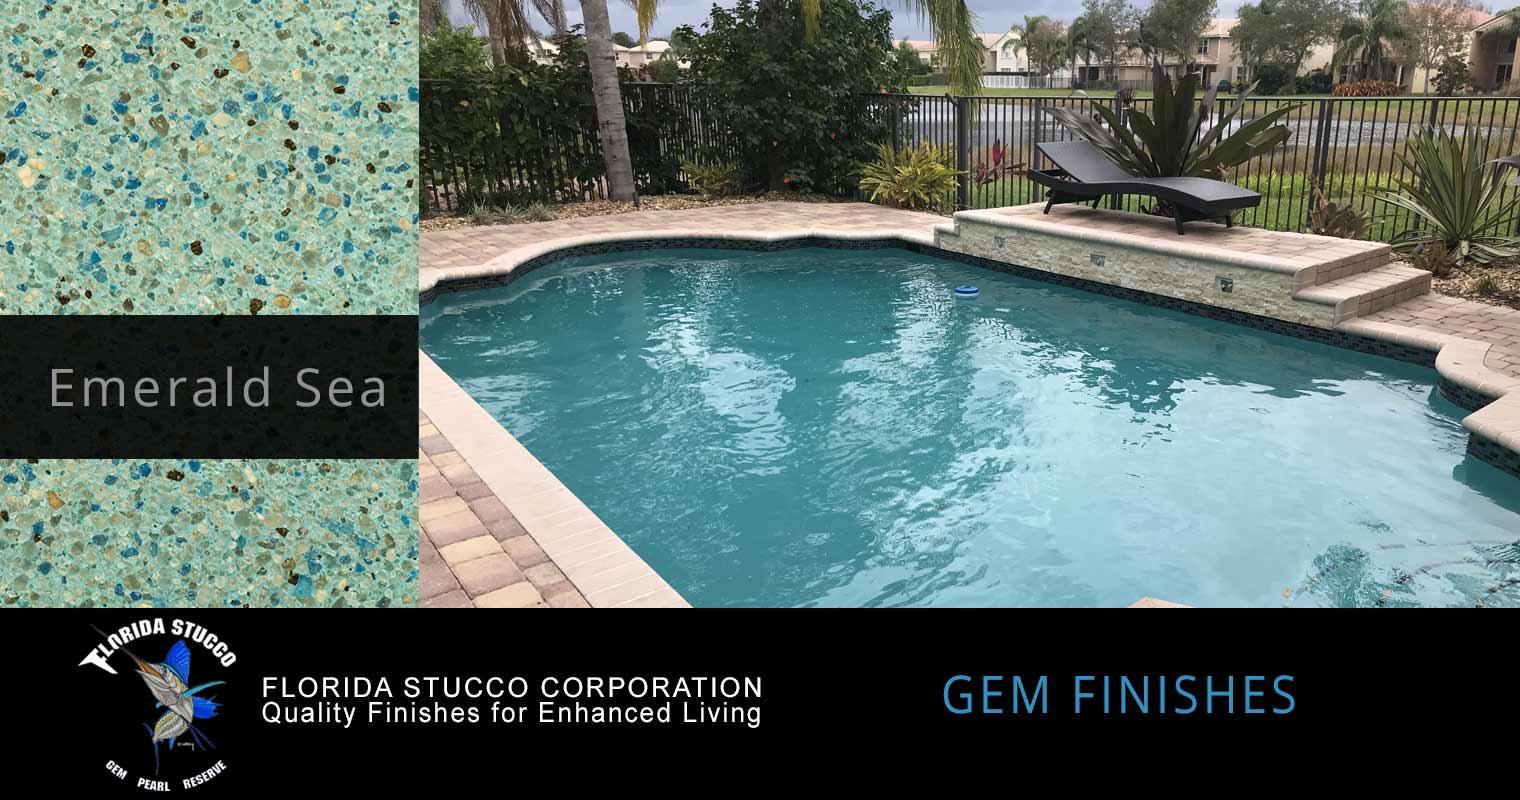 Gem Finishes Pool Finishes Florida Stucco